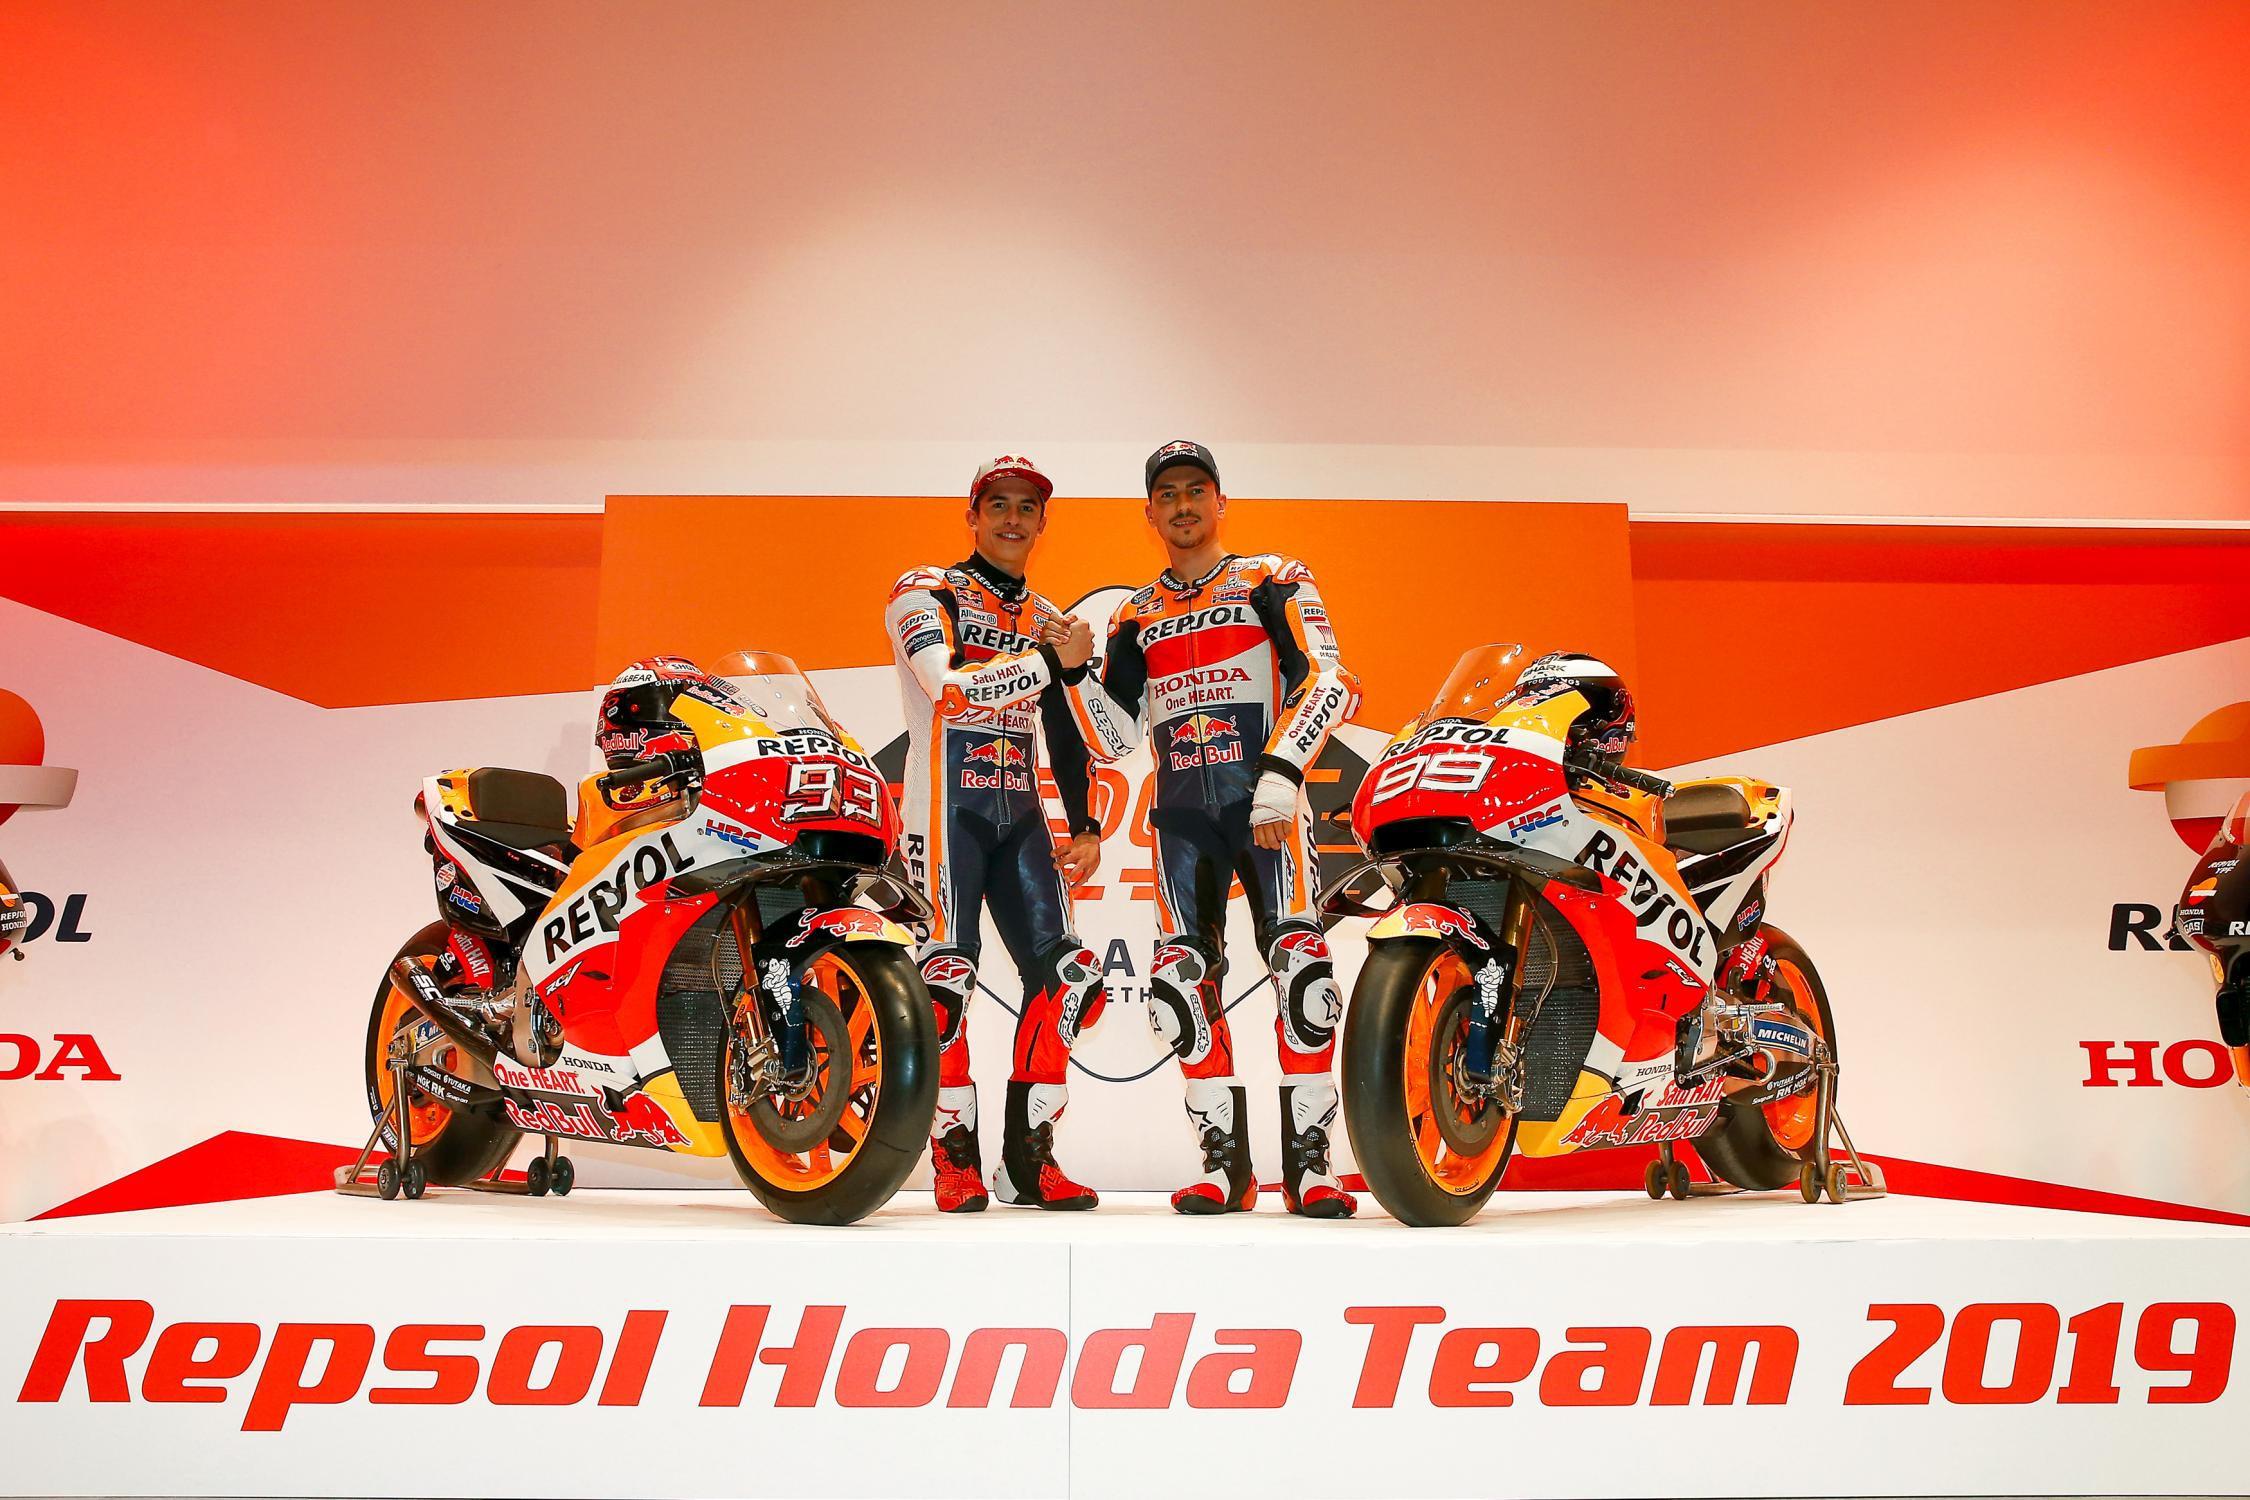 Honda-BigBike-ฮอนด้า-บิ๊กไบค์-ข่าวประชาสัมพันธ์-